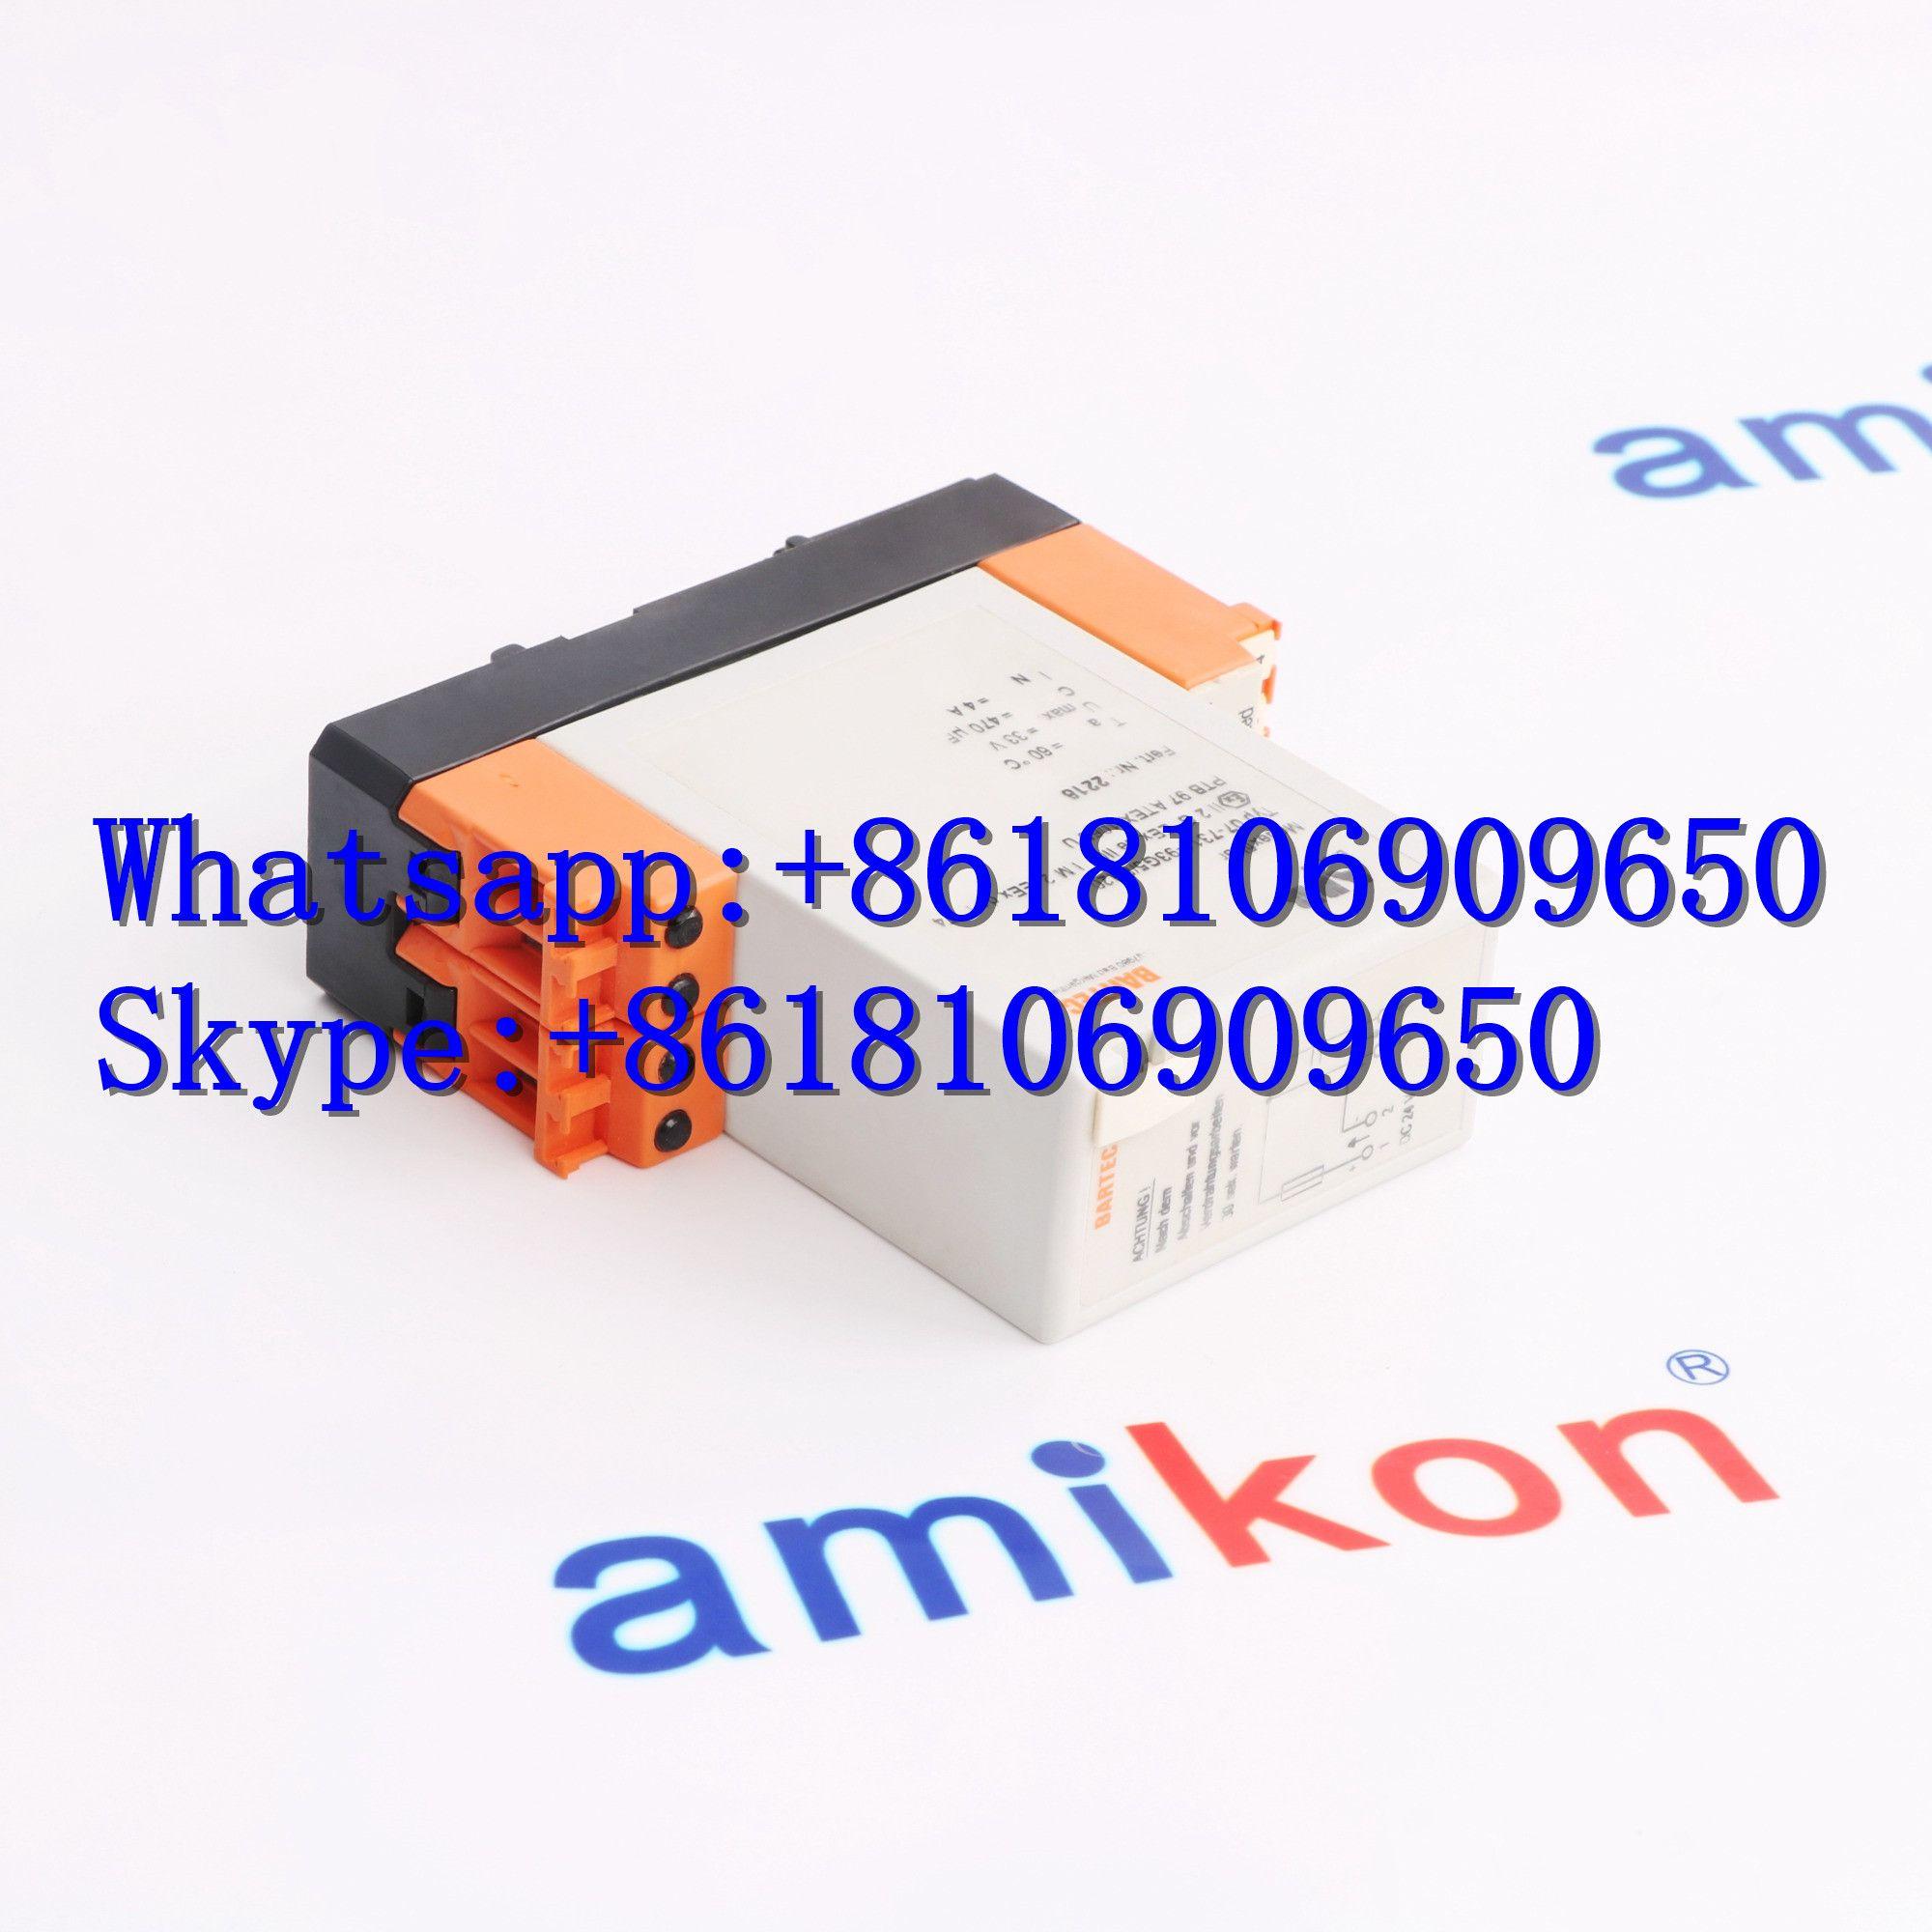 E Mail Ab Mooreplc Com Whatsapp Skype 8618106909650 Brand